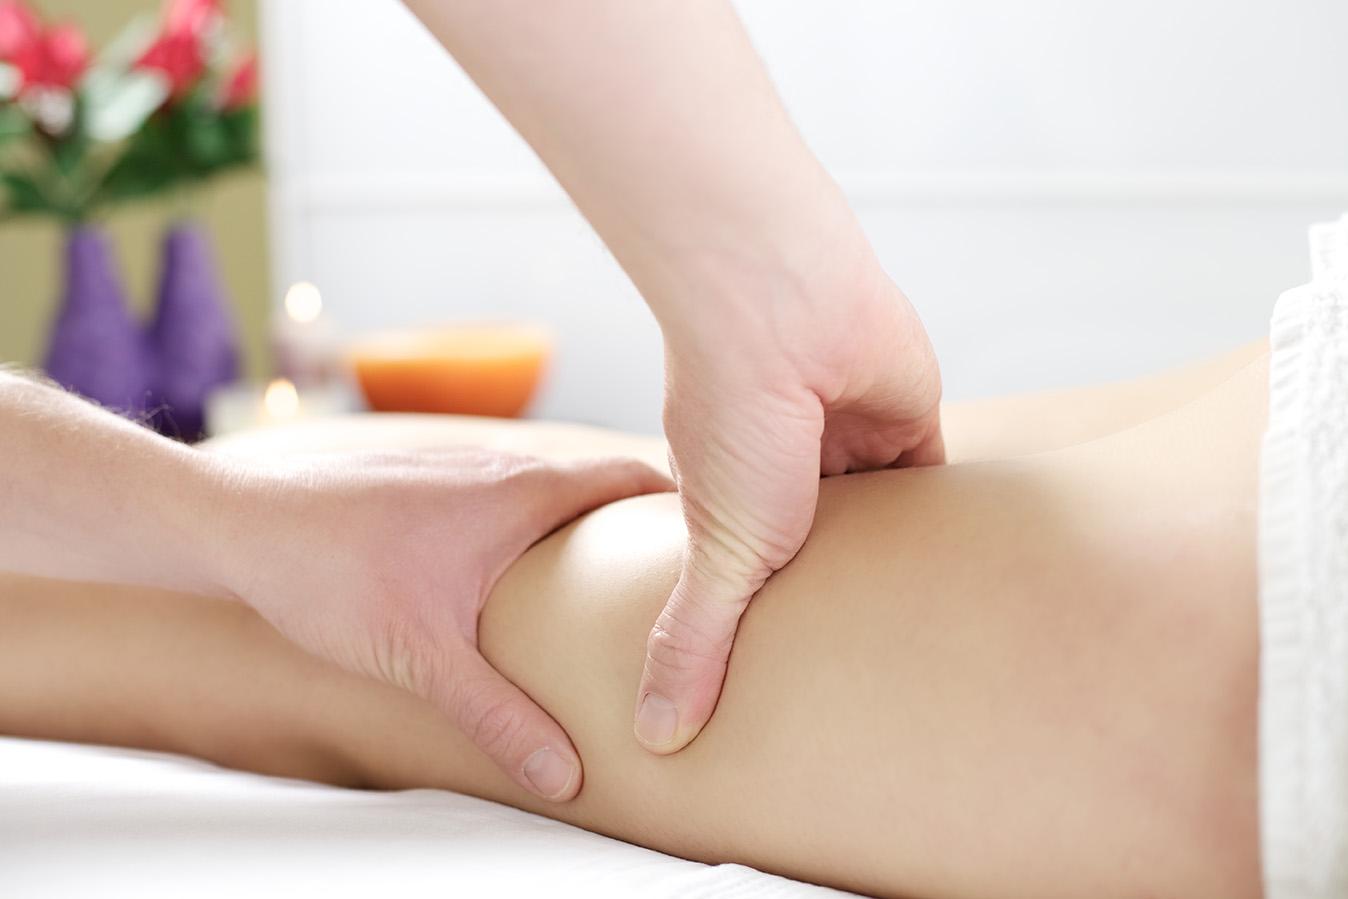 Cellulite-massage, schoonheid heeze, voeding en lifestyle, make-up, schoonheidsspecialist, pedicure, verzorging, huidverbetering,